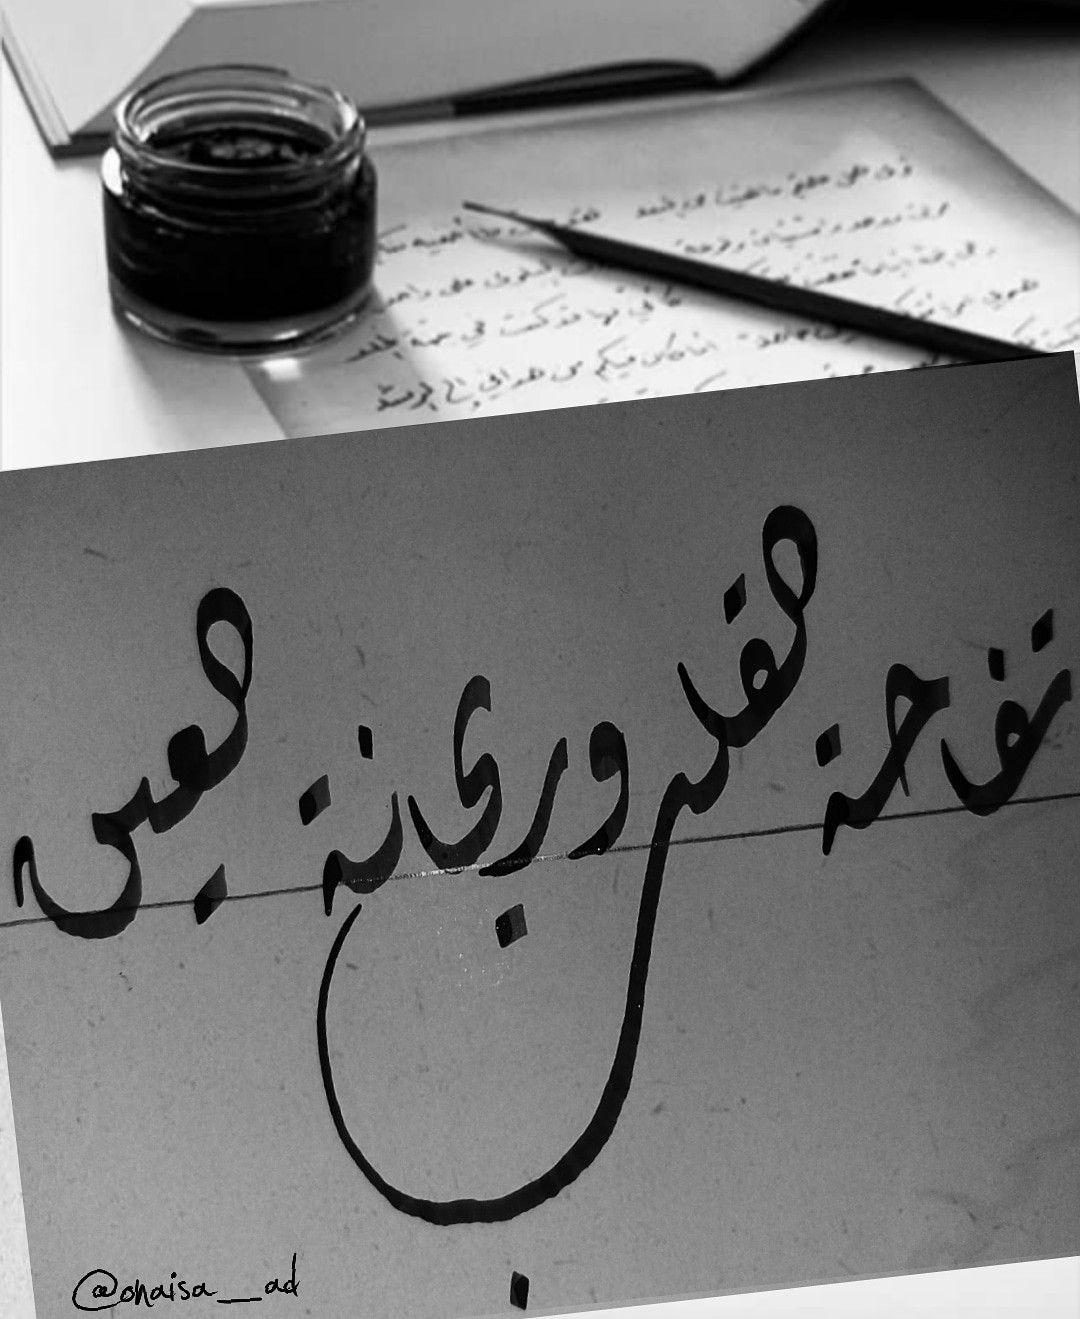 في حب الأب لبناته حكي ابن عمرو بن العاص دخل على معاوية وعنده ابنته فقال من هذه يامعاوية فقال Arabic Calligraphy Art Calligraphy Art Arabic Calligraphy